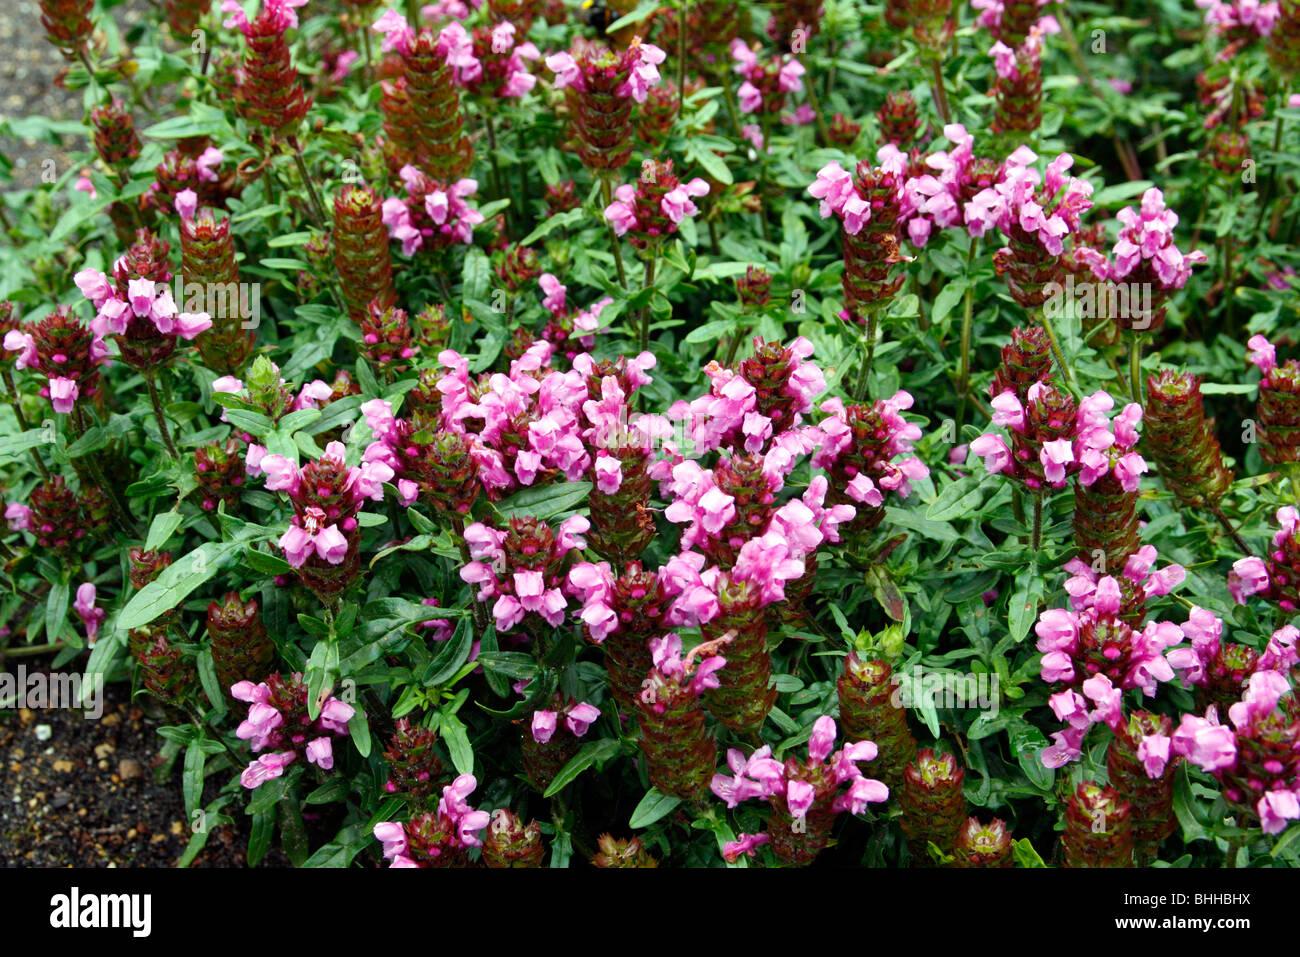 Prunella x webbiana 'Gruss aus Isernhagen' - Stock Image